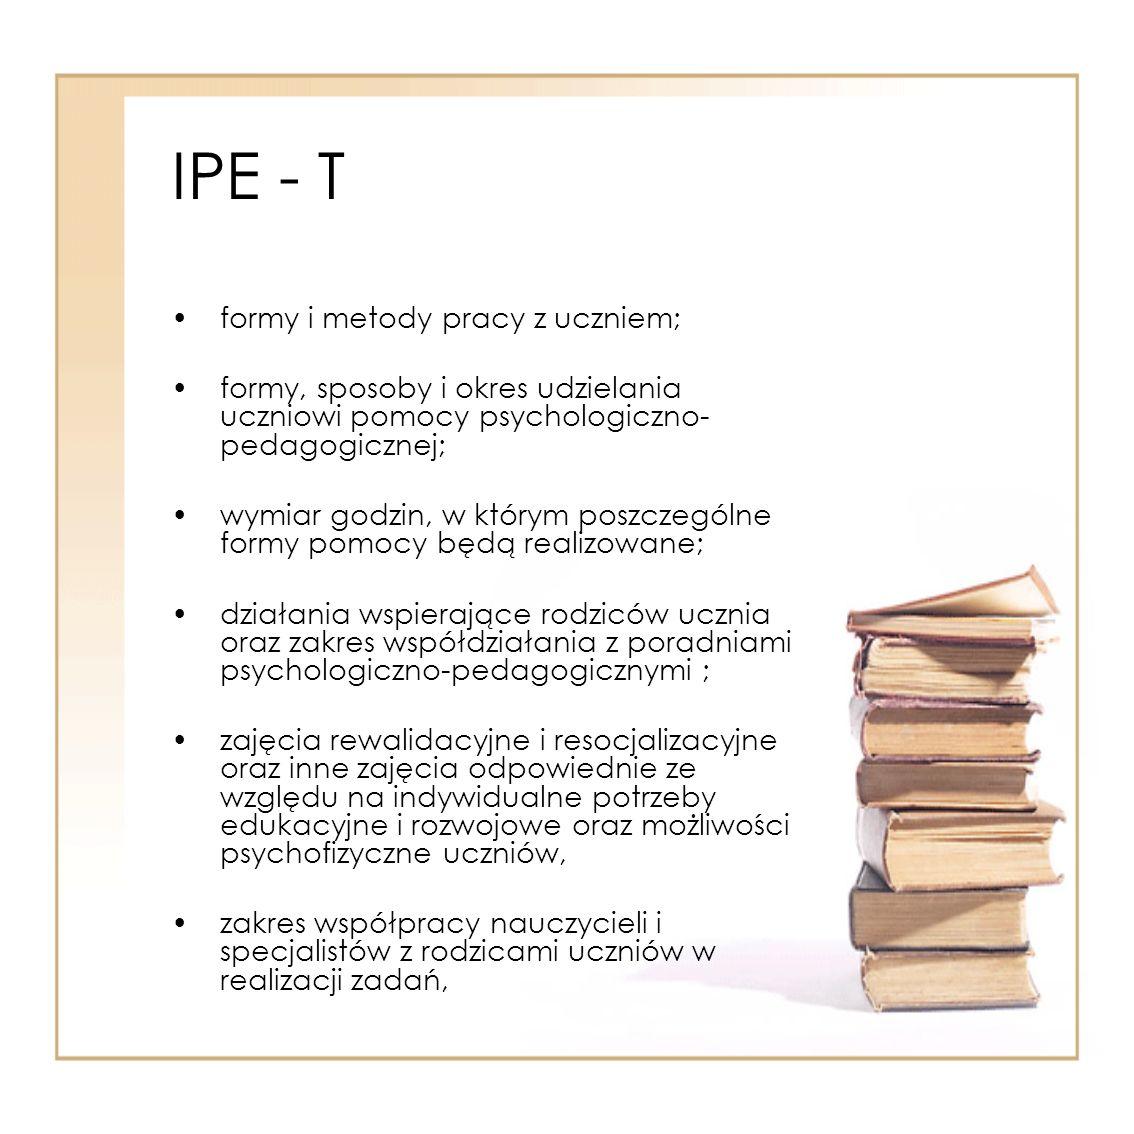 IPE - T formy i metody pracy z uczniem;